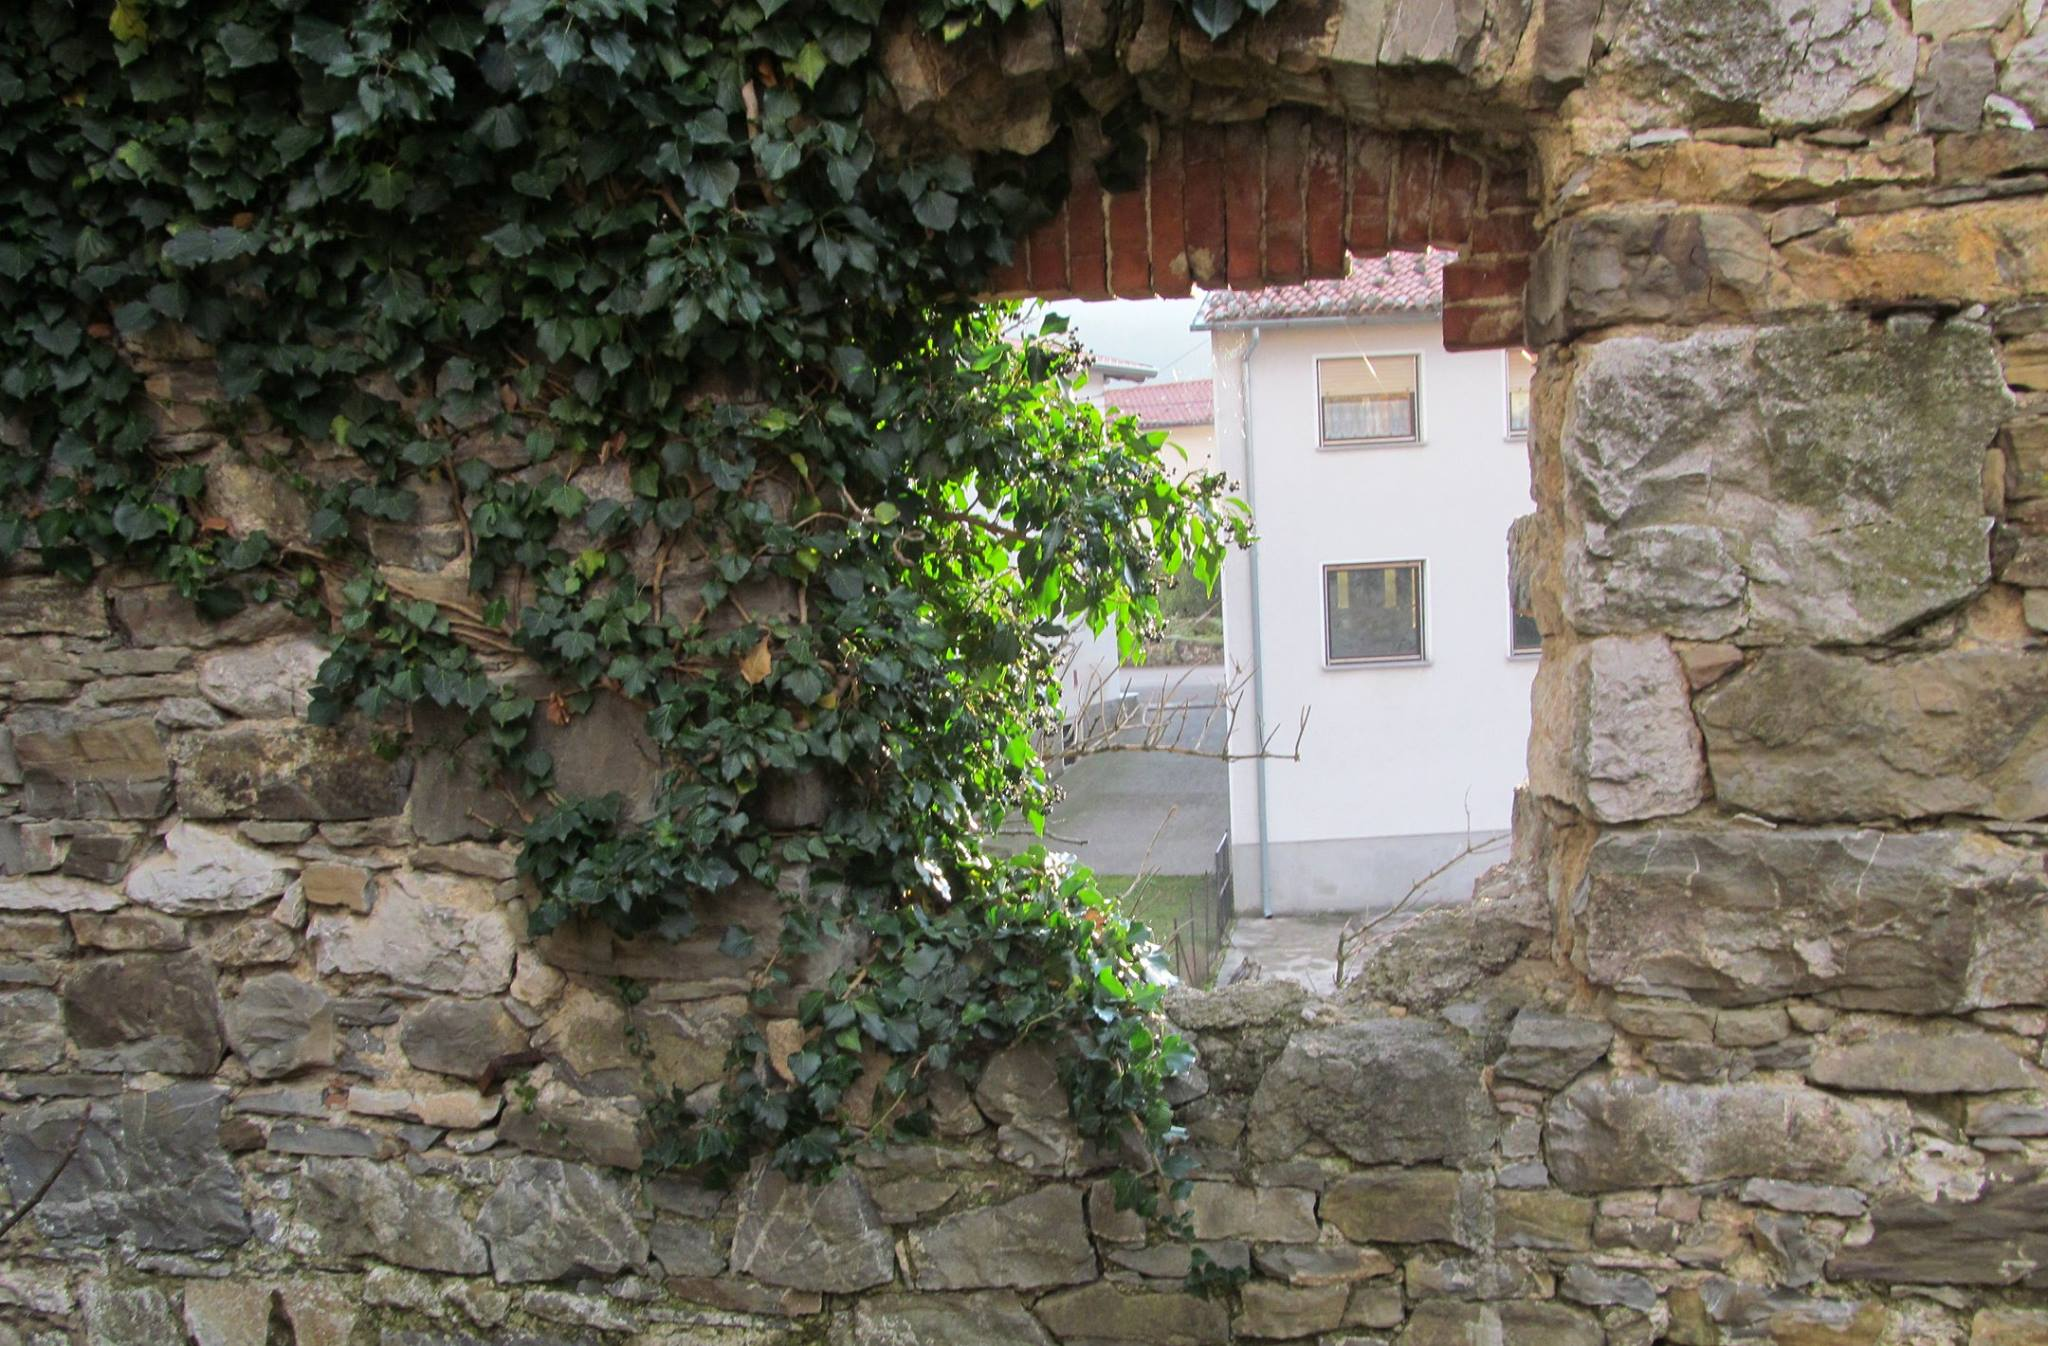 pogled_ skozi_ kamnite_ ostanke_ zidu_simbolna_povezava_z_vrtovcem_v_rojstni_kraj_slovenske_himne